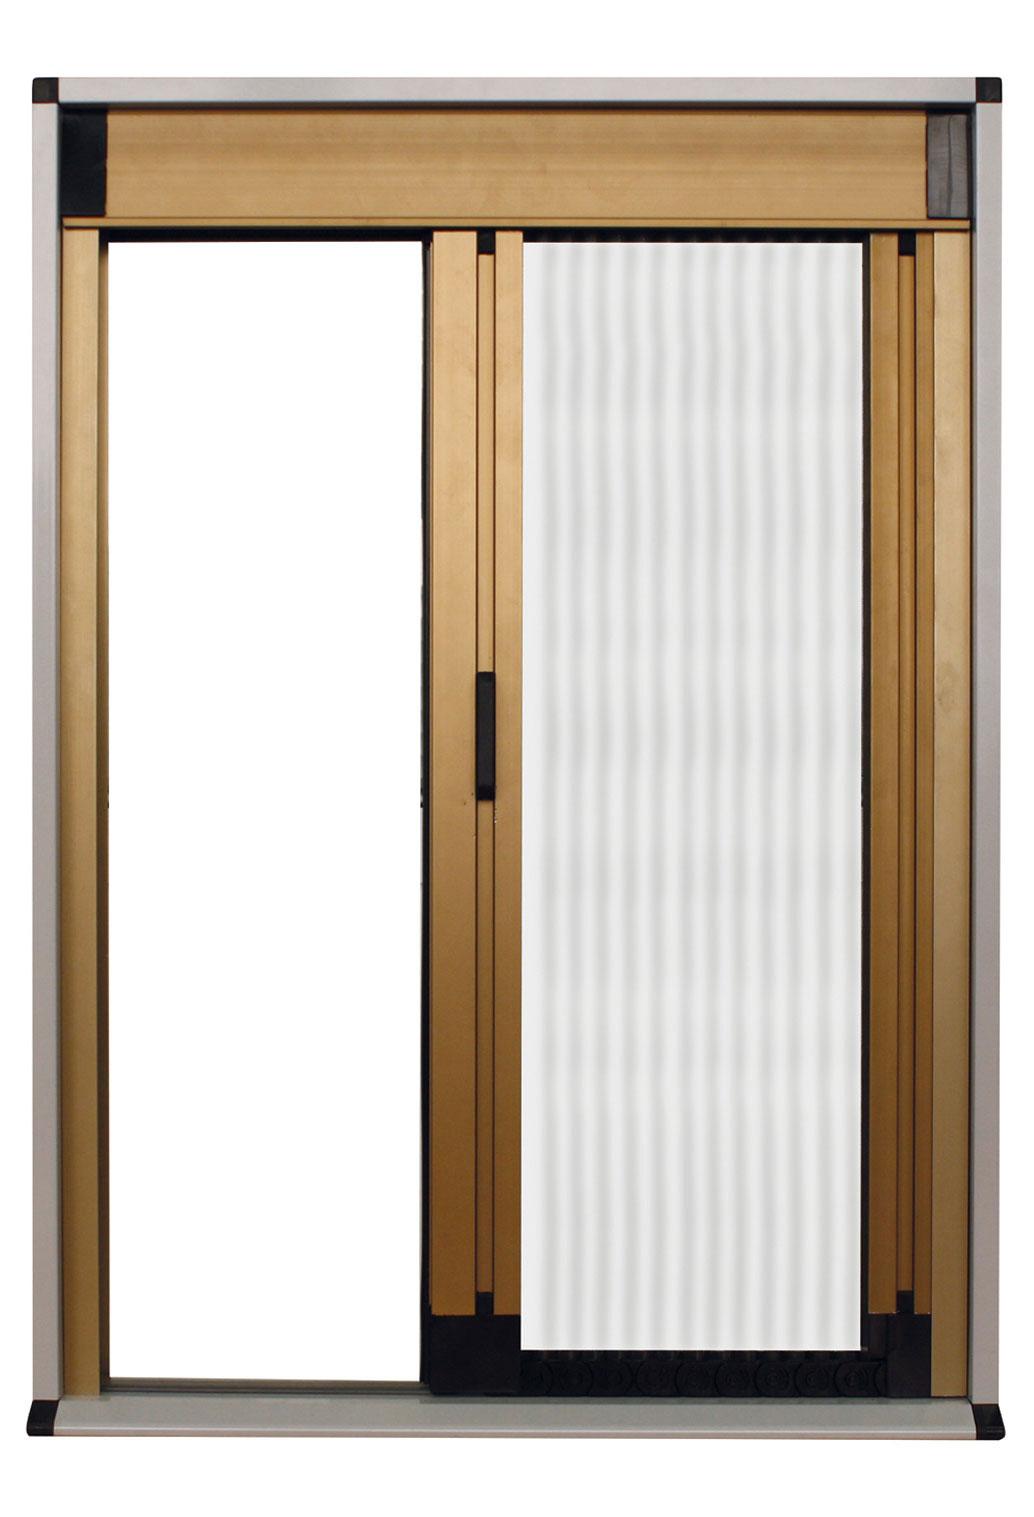 Modelli di zanzariere per porte finestre zanzariera per a - Zanzariere porta finestra prezzi ...